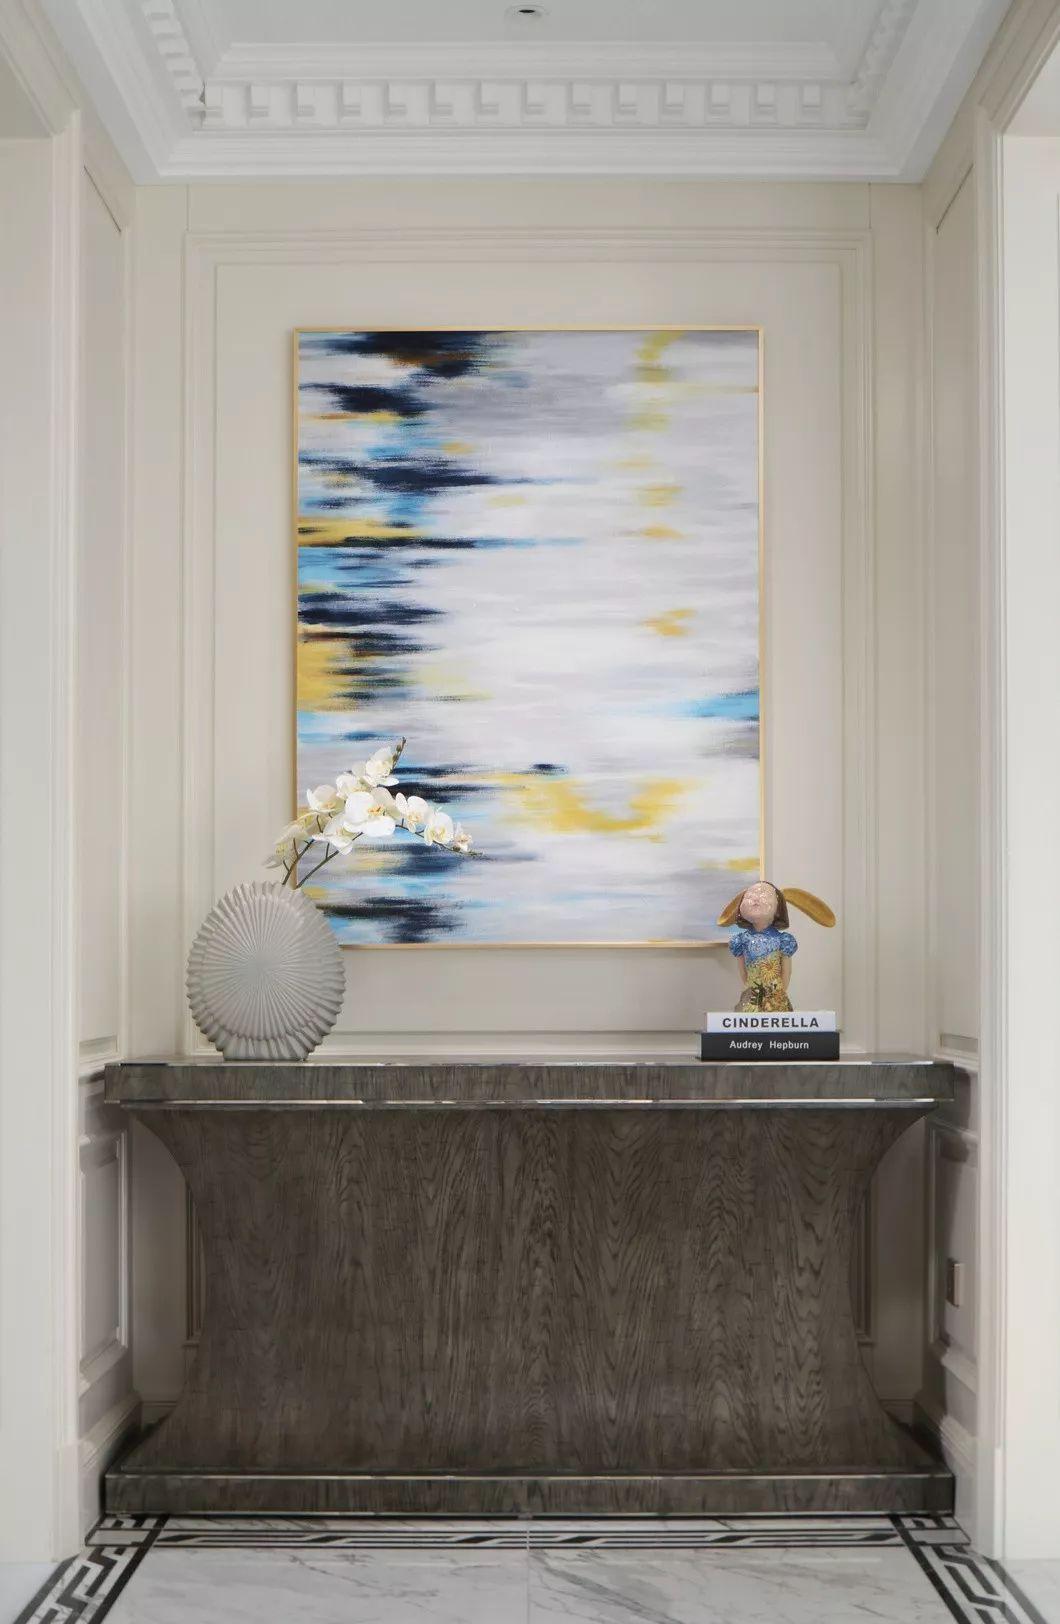 原本的白加灰会使得空间的整体色调过于暗沉,灯光上用比较暖的照明让整个空间明亮华丽,流露温情。